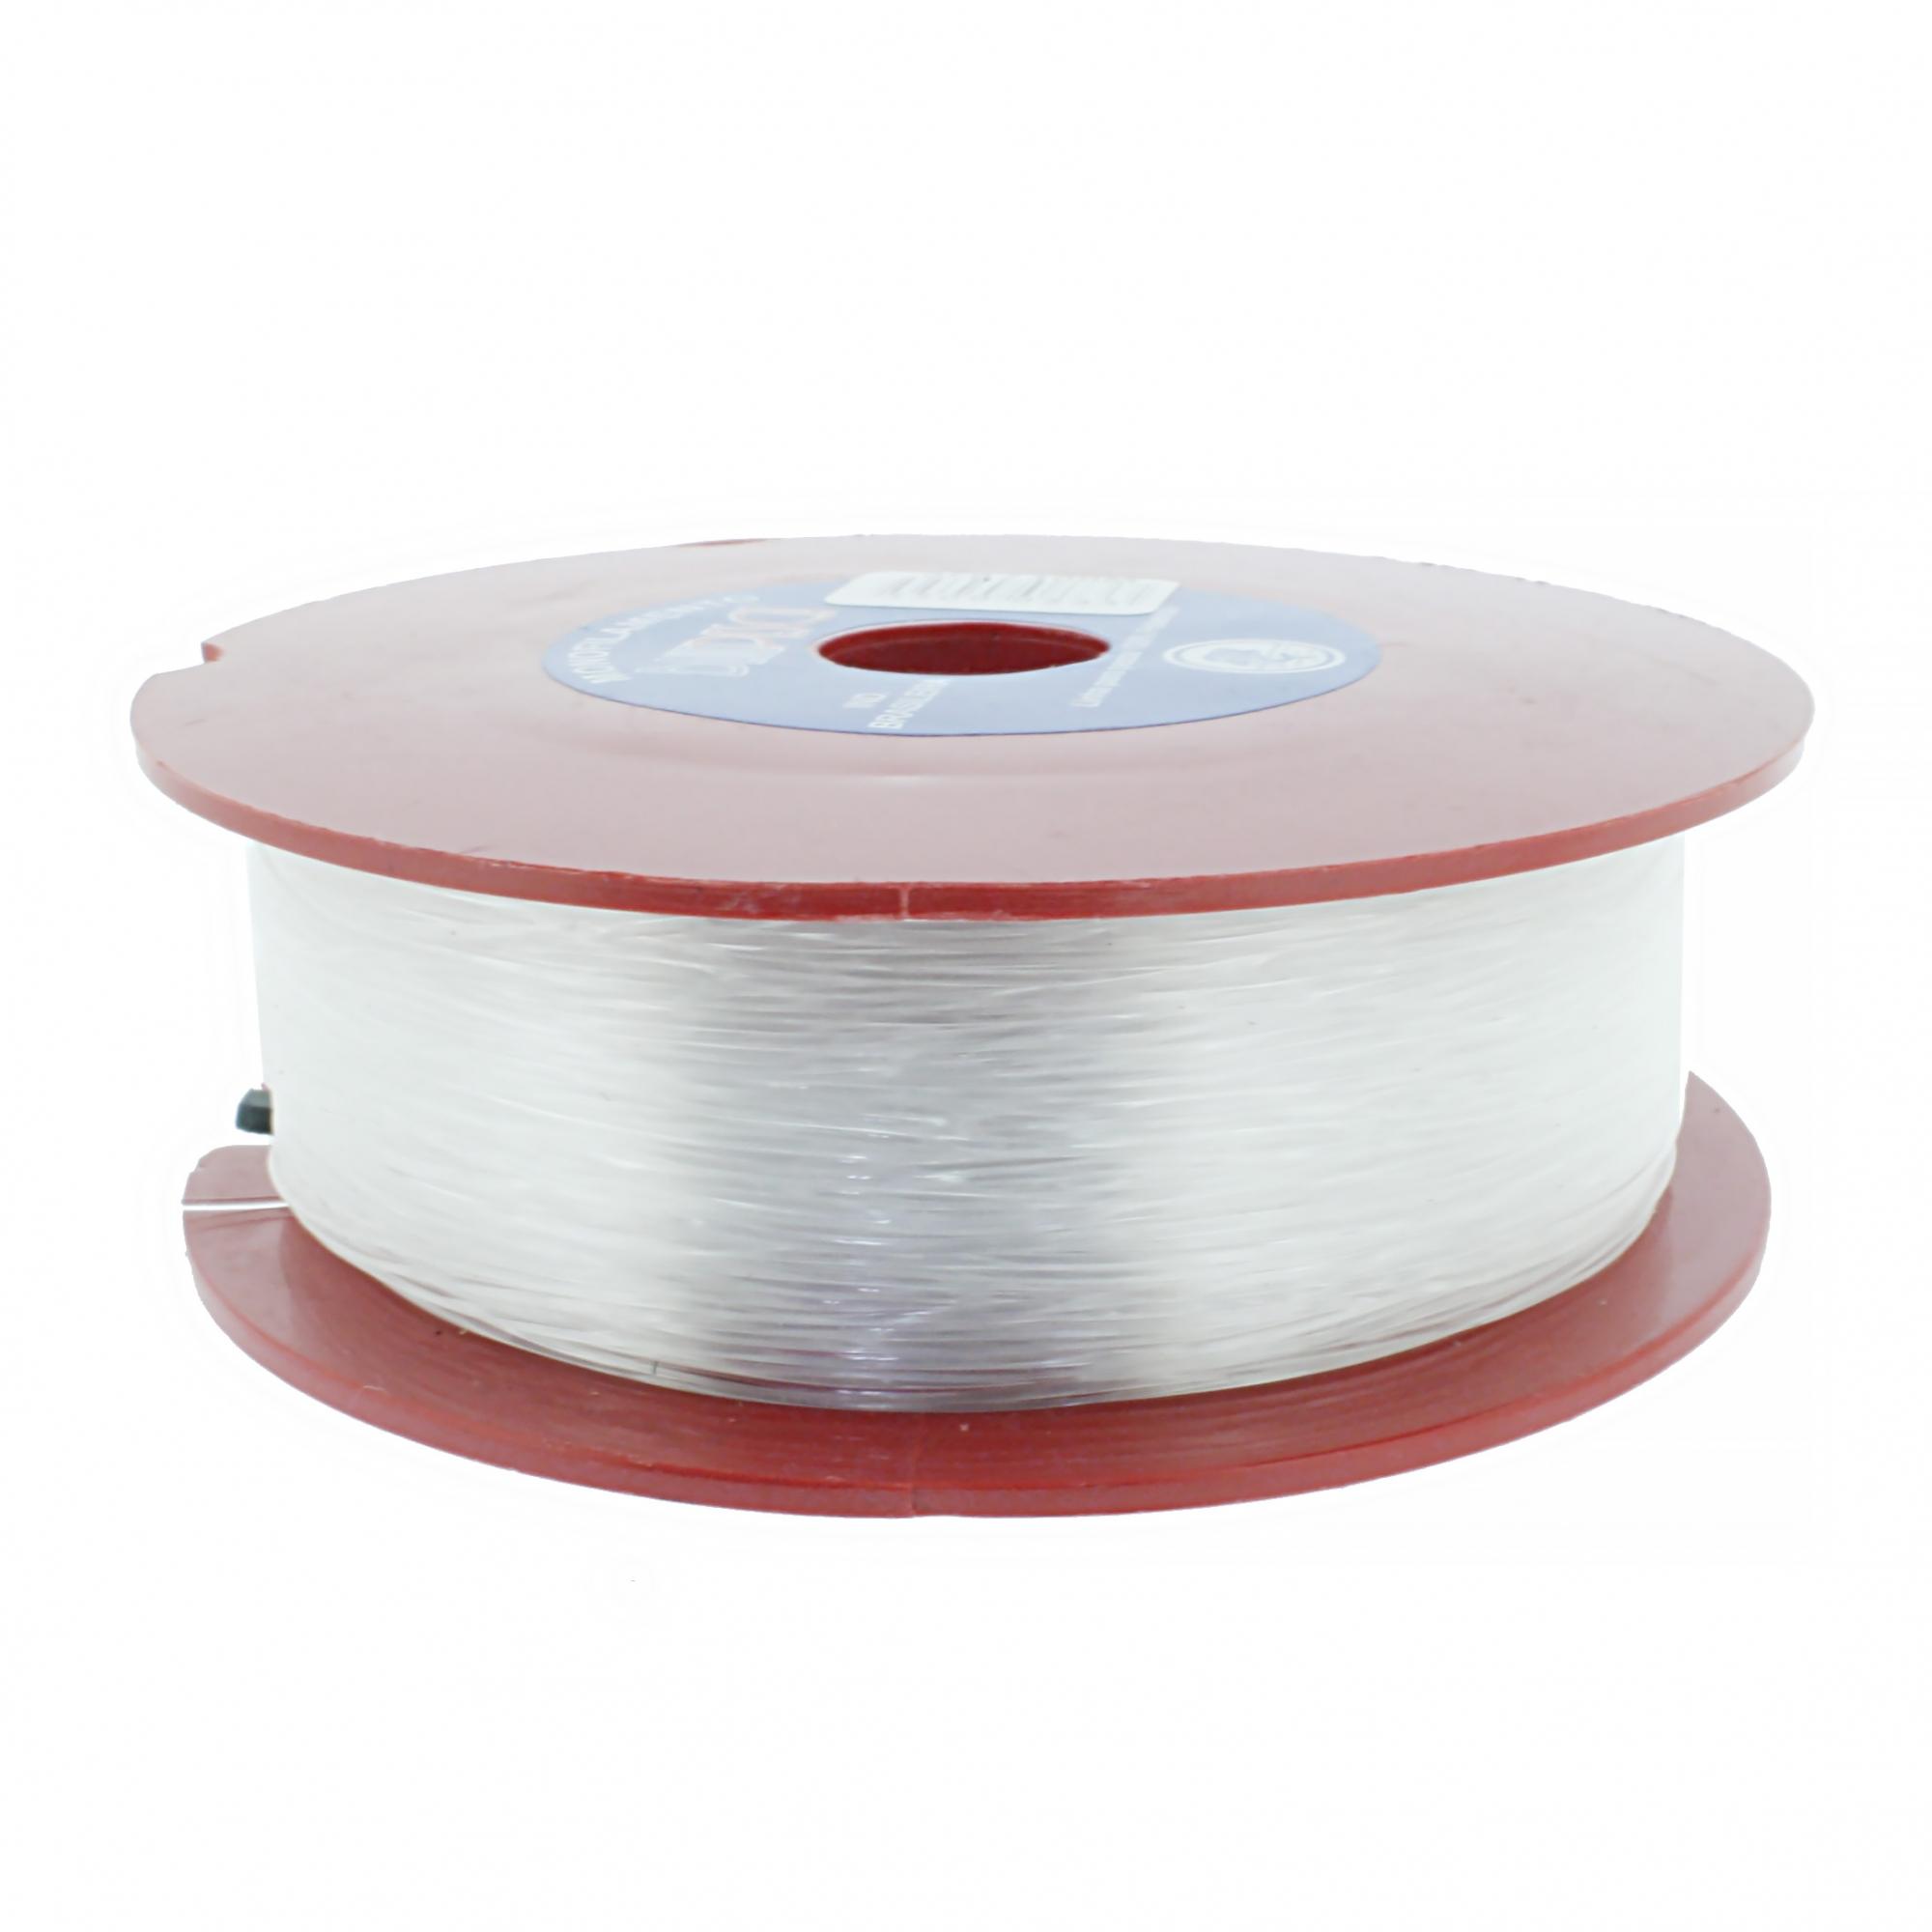 Fio de Nylon - 0,70mm  - Stéphanie Bijoux® - Peças para Bijuterias e Artesanato